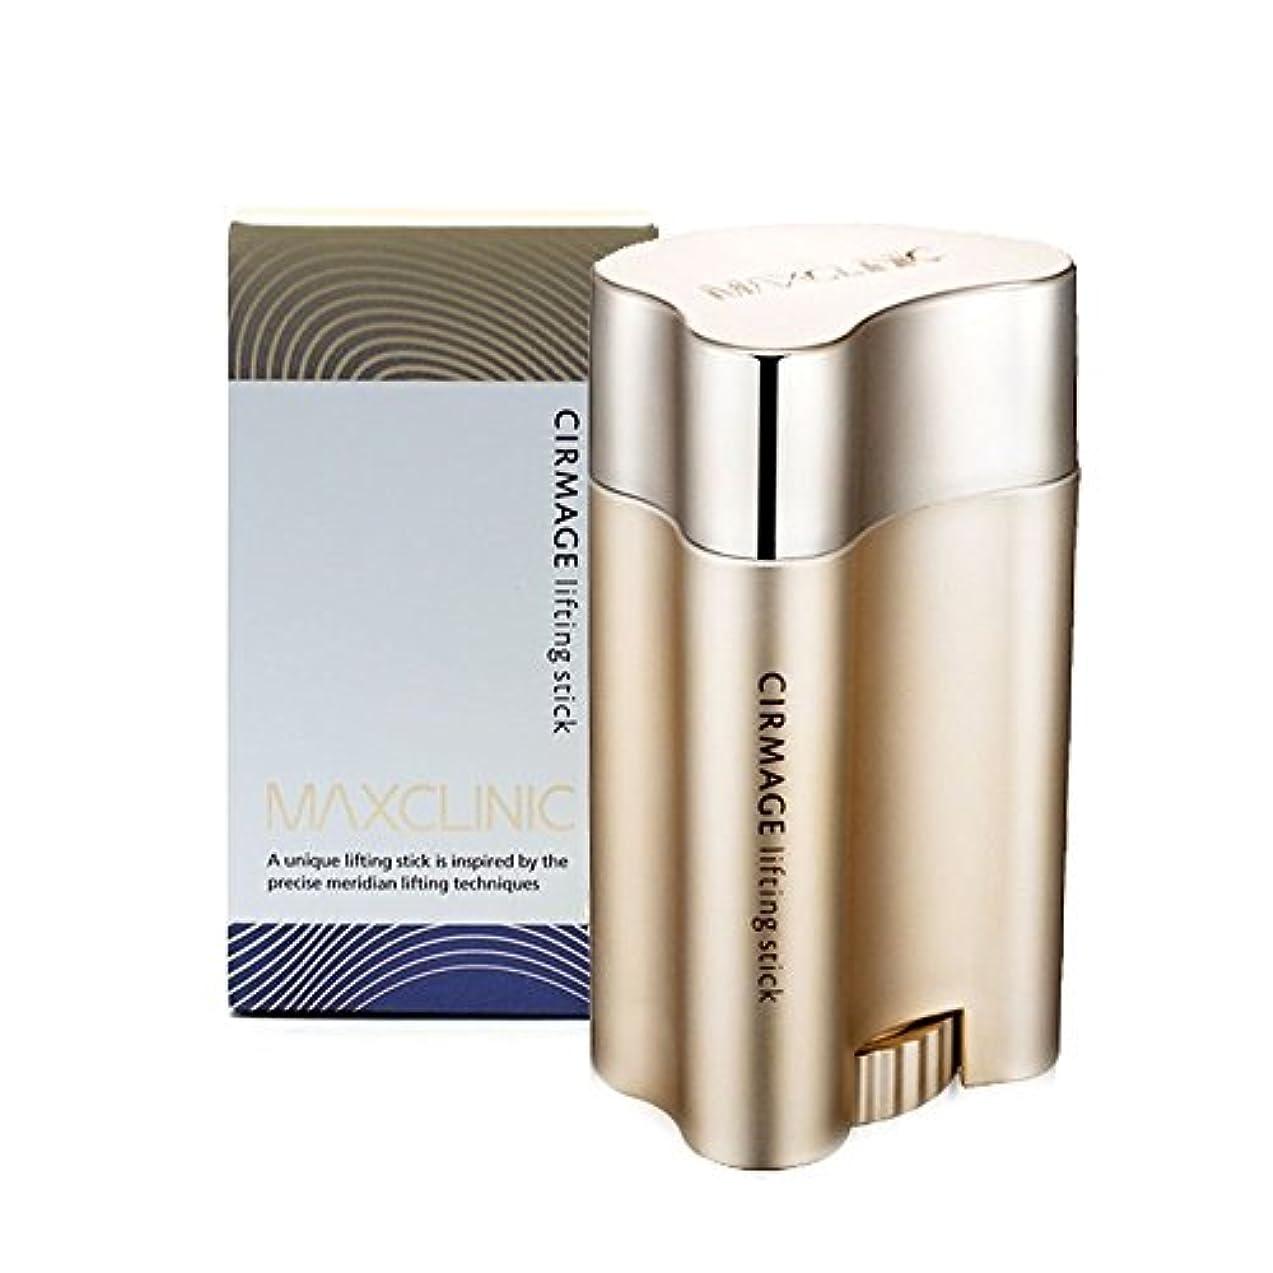 前提条件リードプラスチックMAXCLINIC マックスクリニック サーメージ リフティング スティック 23g(Cirmage Lifting Stick 23g)/Direct from Korea/w free Gift Sample [並行輸入品]